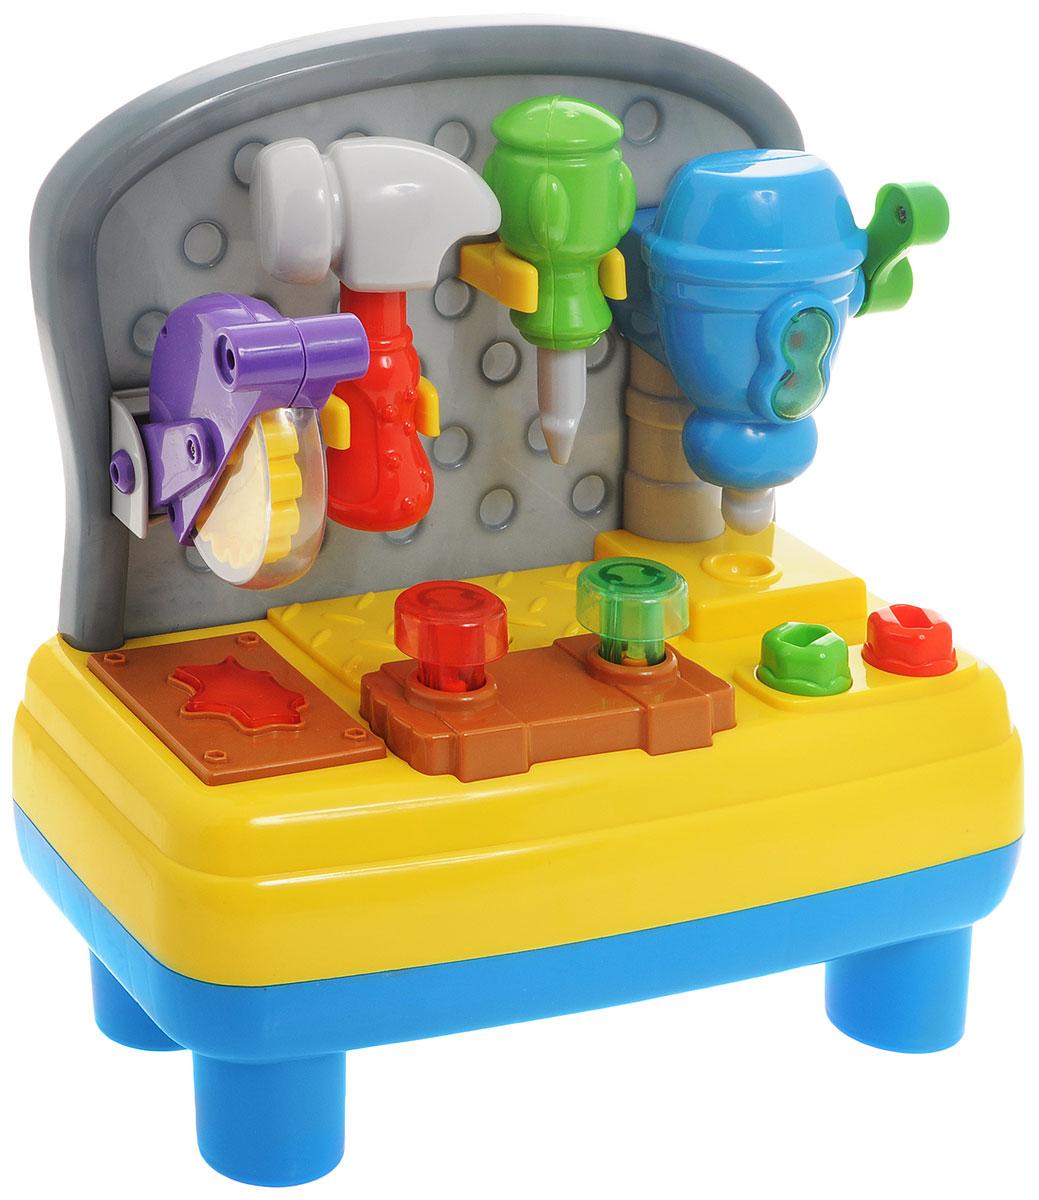 Keenway Игрушечный набор Мастерская для малышей keenway 15 элементов